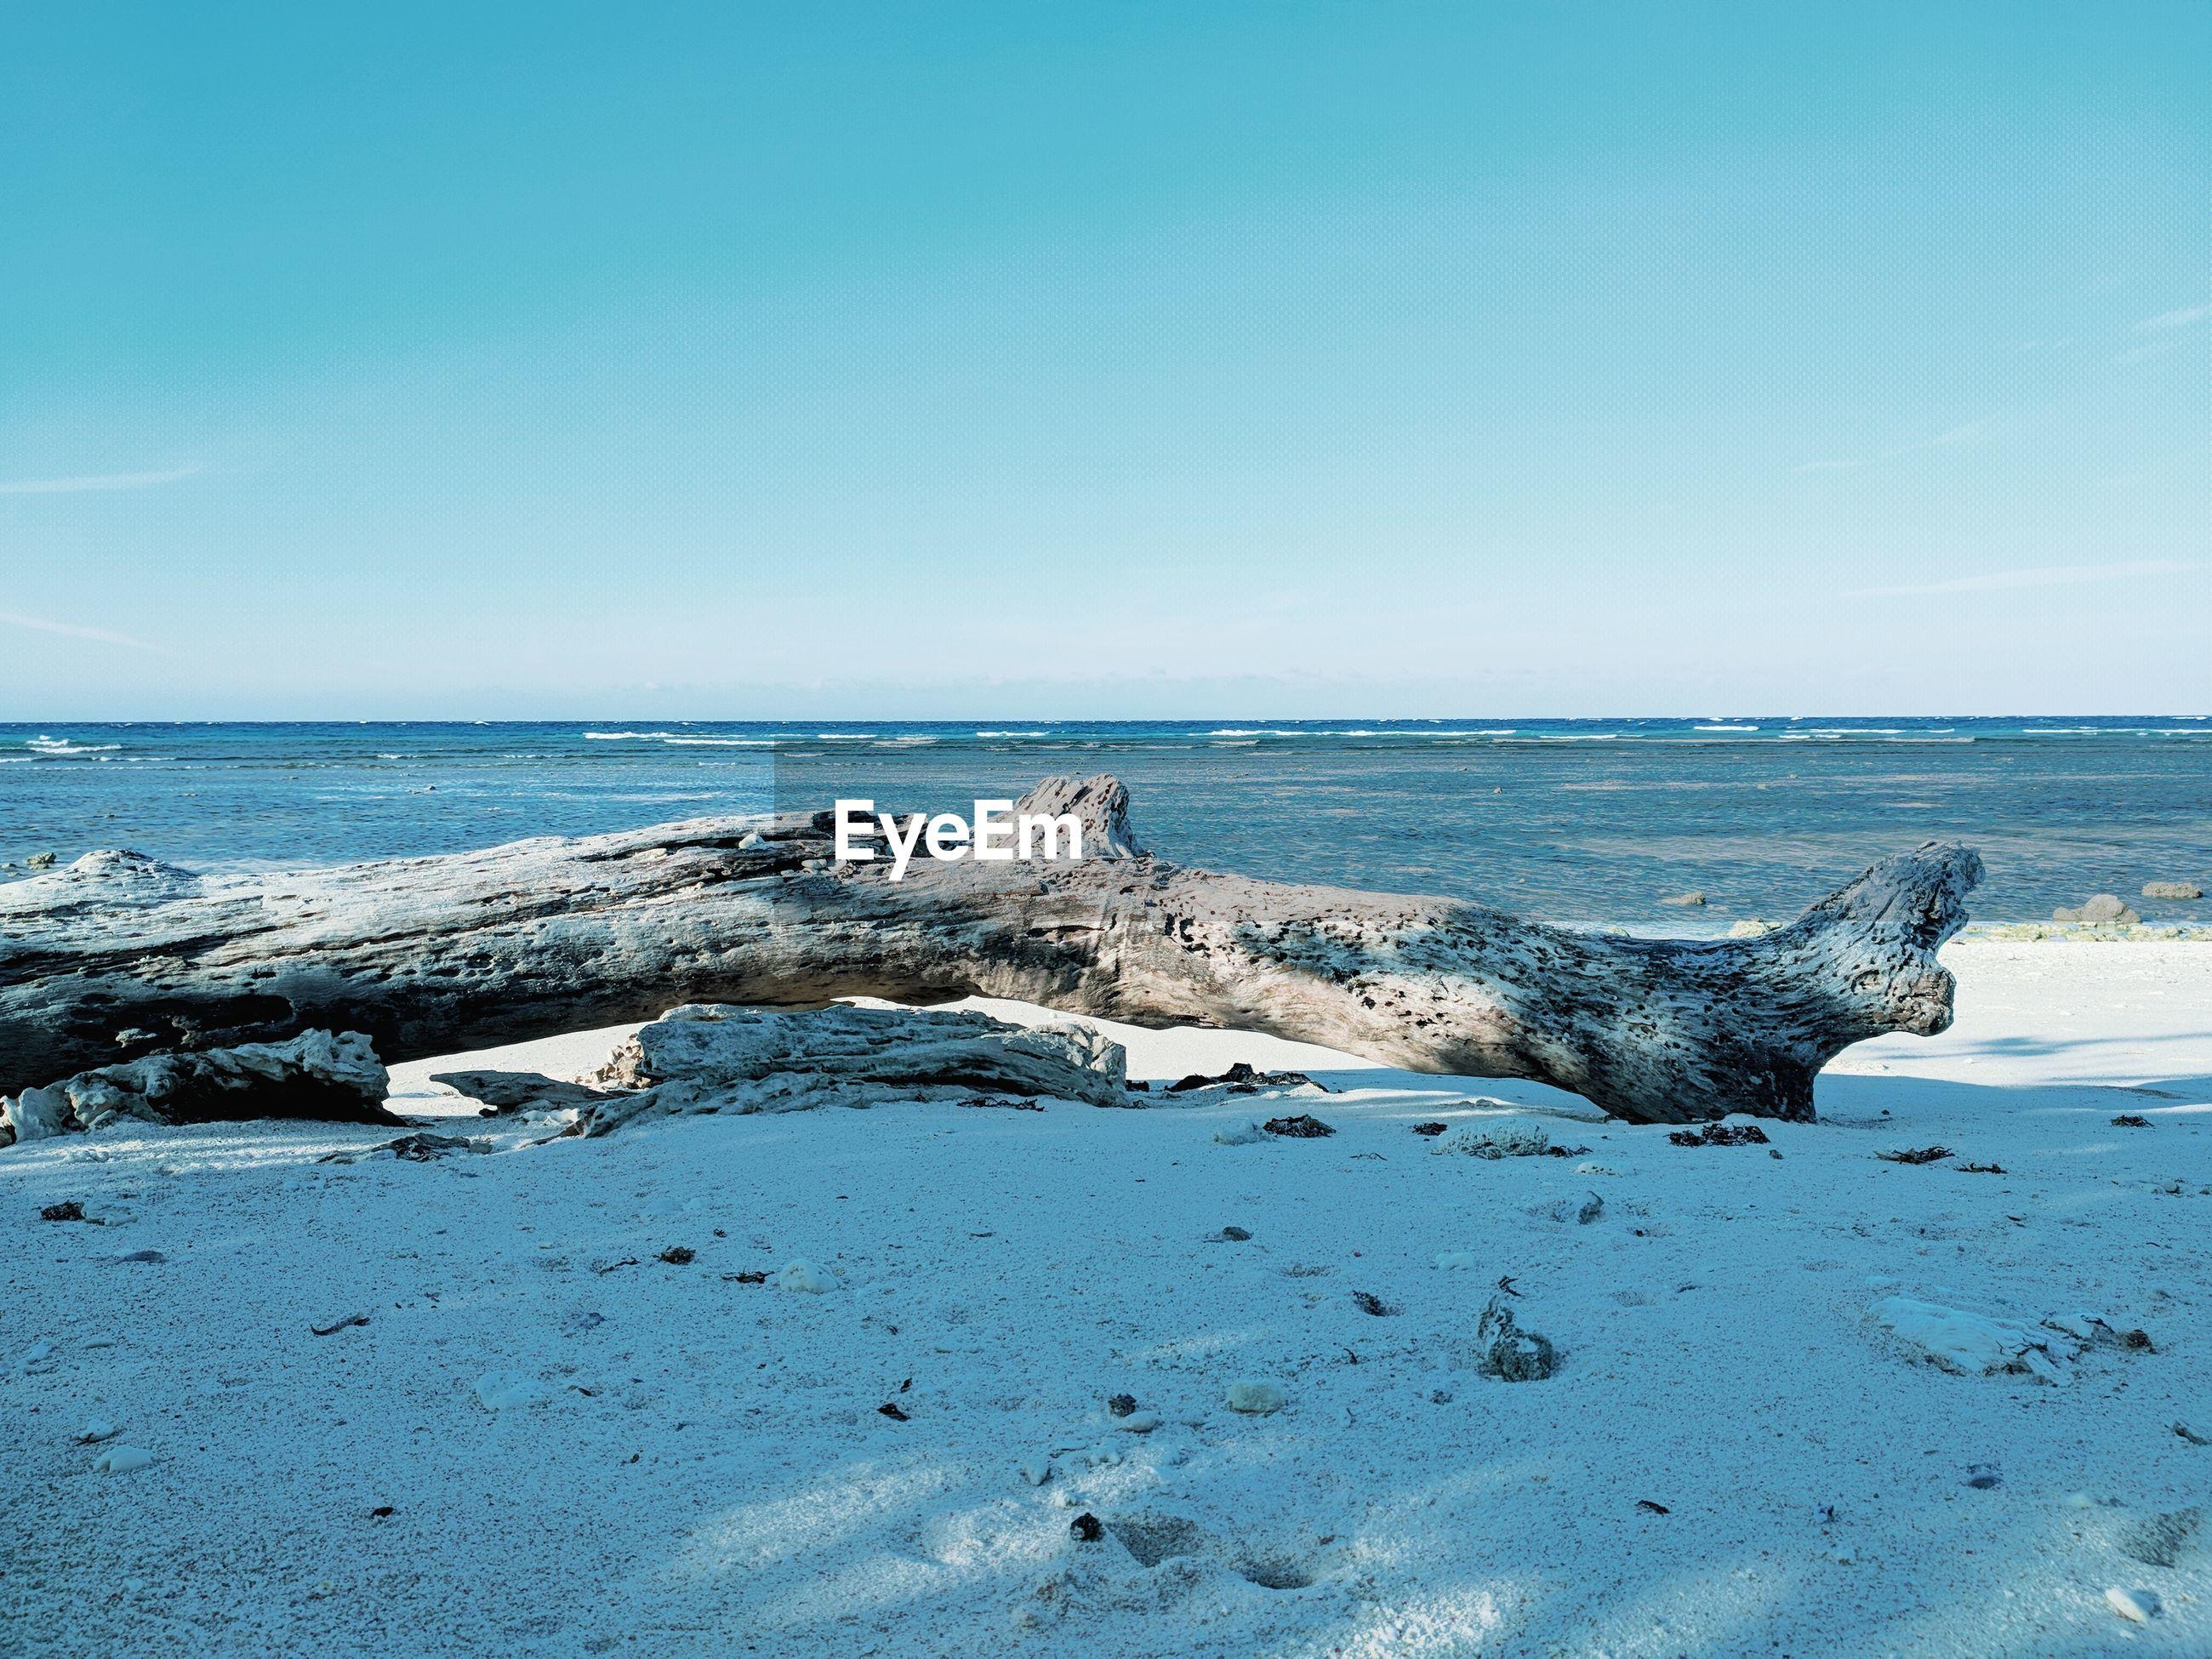 Driftwood on beach against blue sky